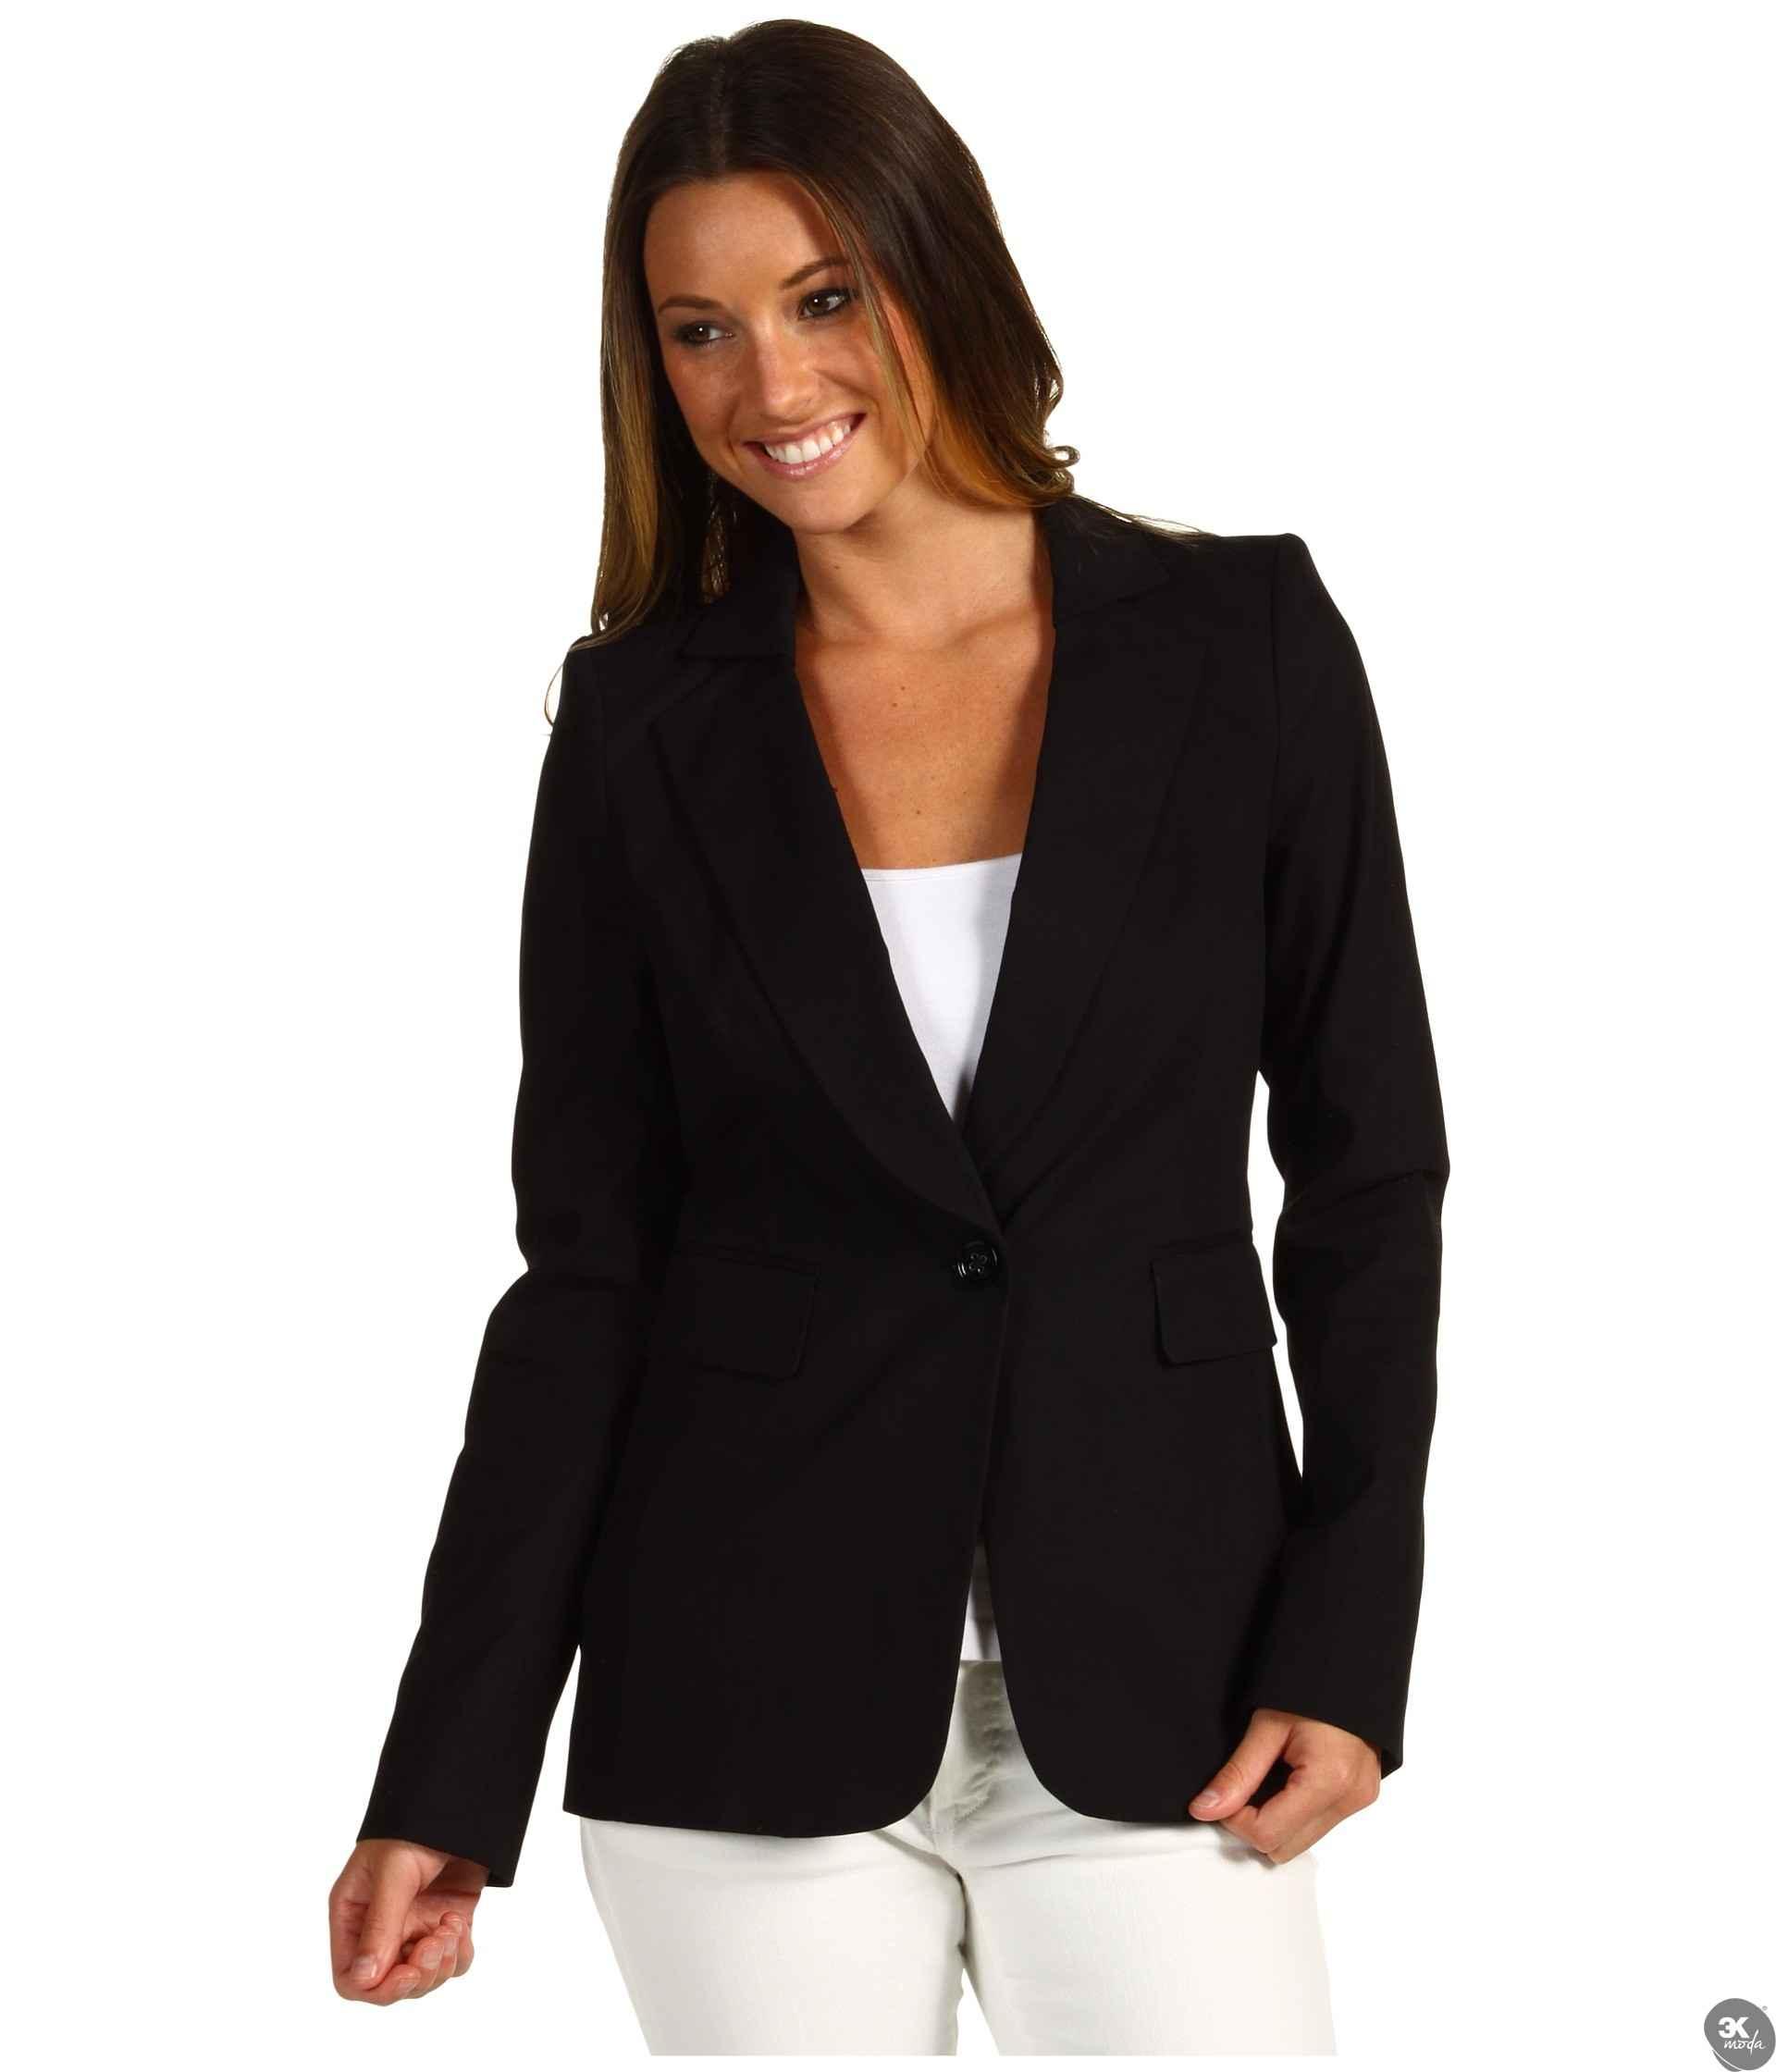 EVOLITE Diva Bay 3in1 Gri-Siyah Mont. kullanım alanı ve şekline göre kaban, gocuk, mont,ceket gibi adlar verilmiştir. Erkek giyimde öncelik işlevselliğidir fakat kadın giyimde öncelik şıklığıdır. Erkek mont modelleri ile kadın mont modelleri arasında ebatları dışında pek fark yoktur ama model çeşitliliği.